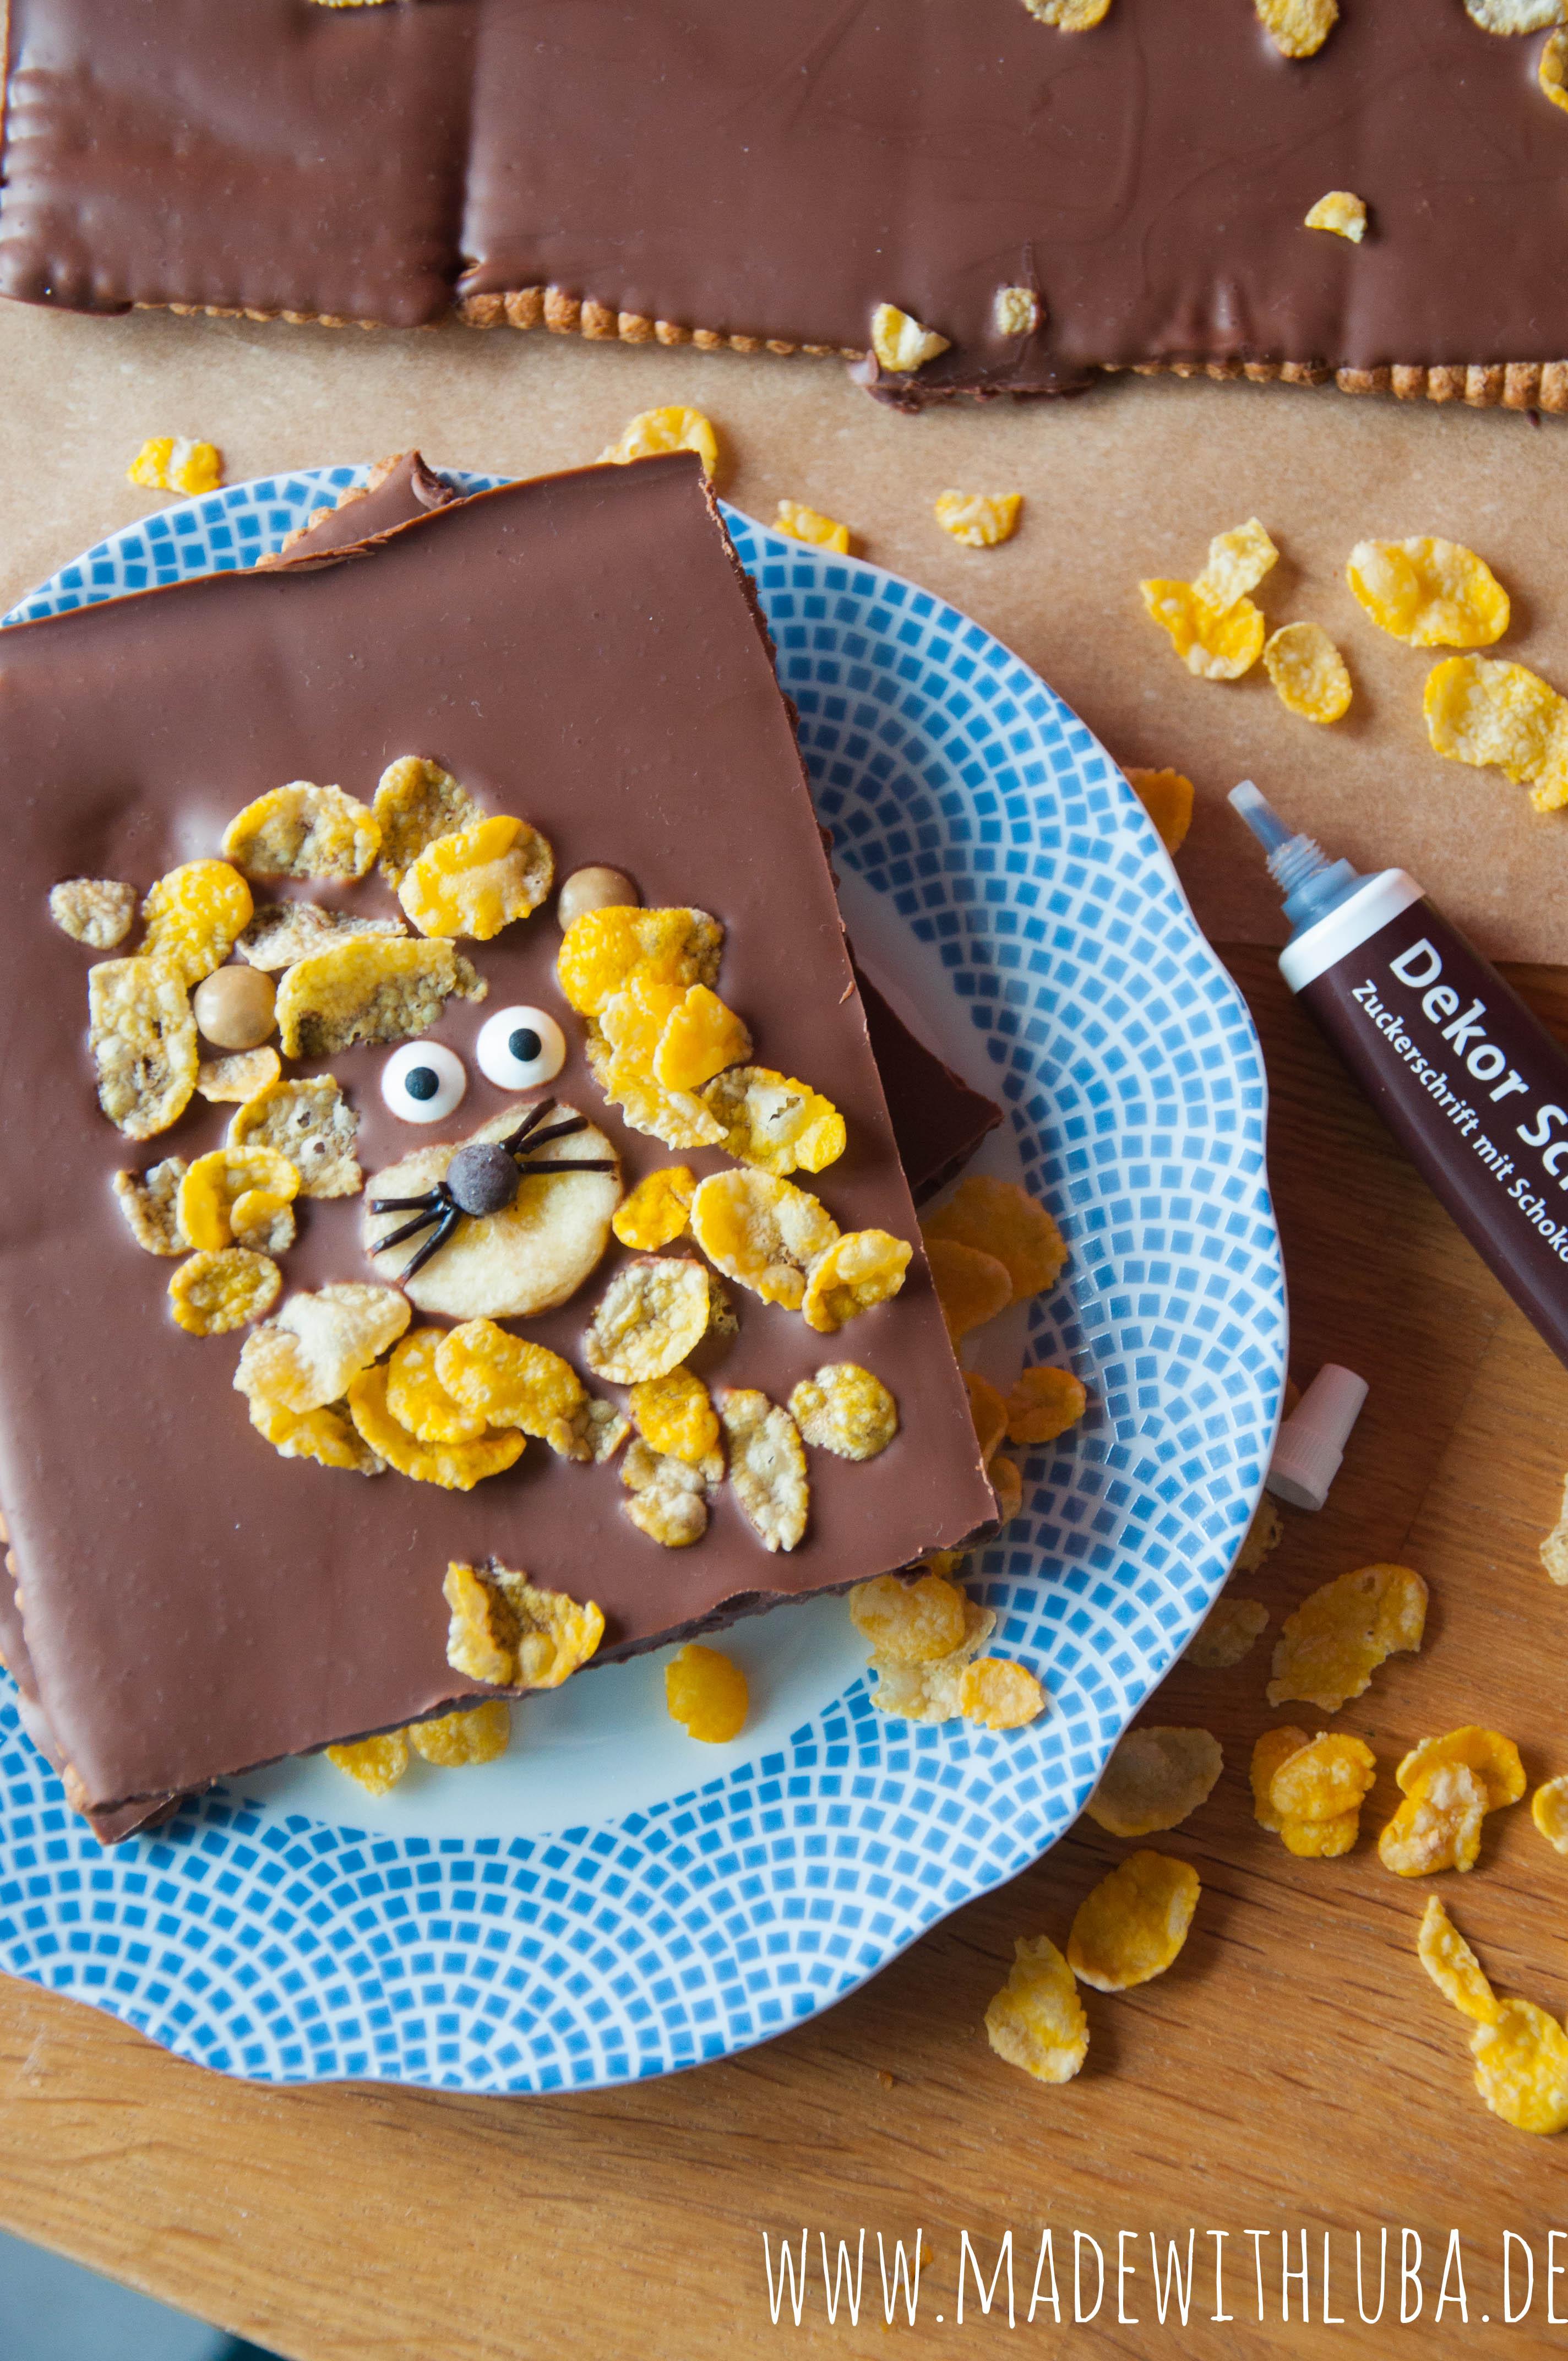 Selbstgemachte Schokoladentafeln ideal zum Verschenken